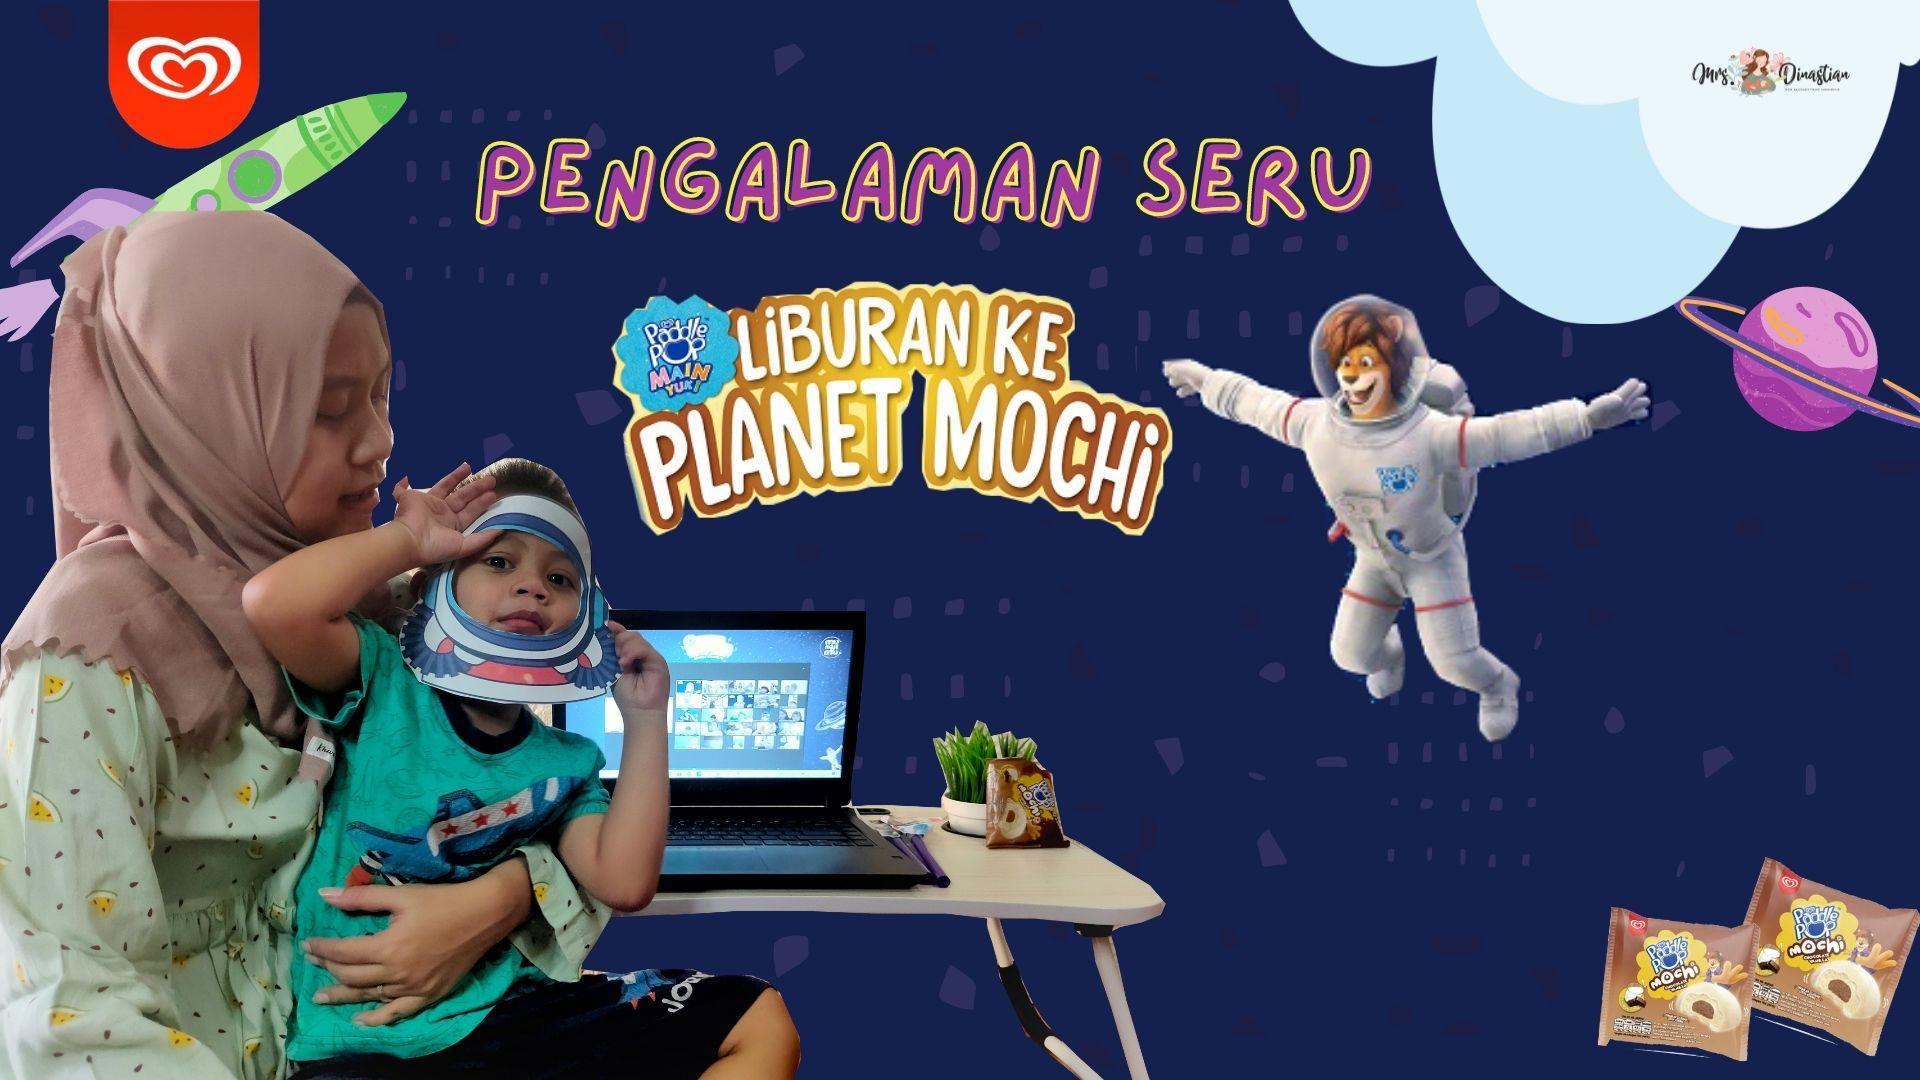 Pengalaman Seru Liburan ke Planet Mochi